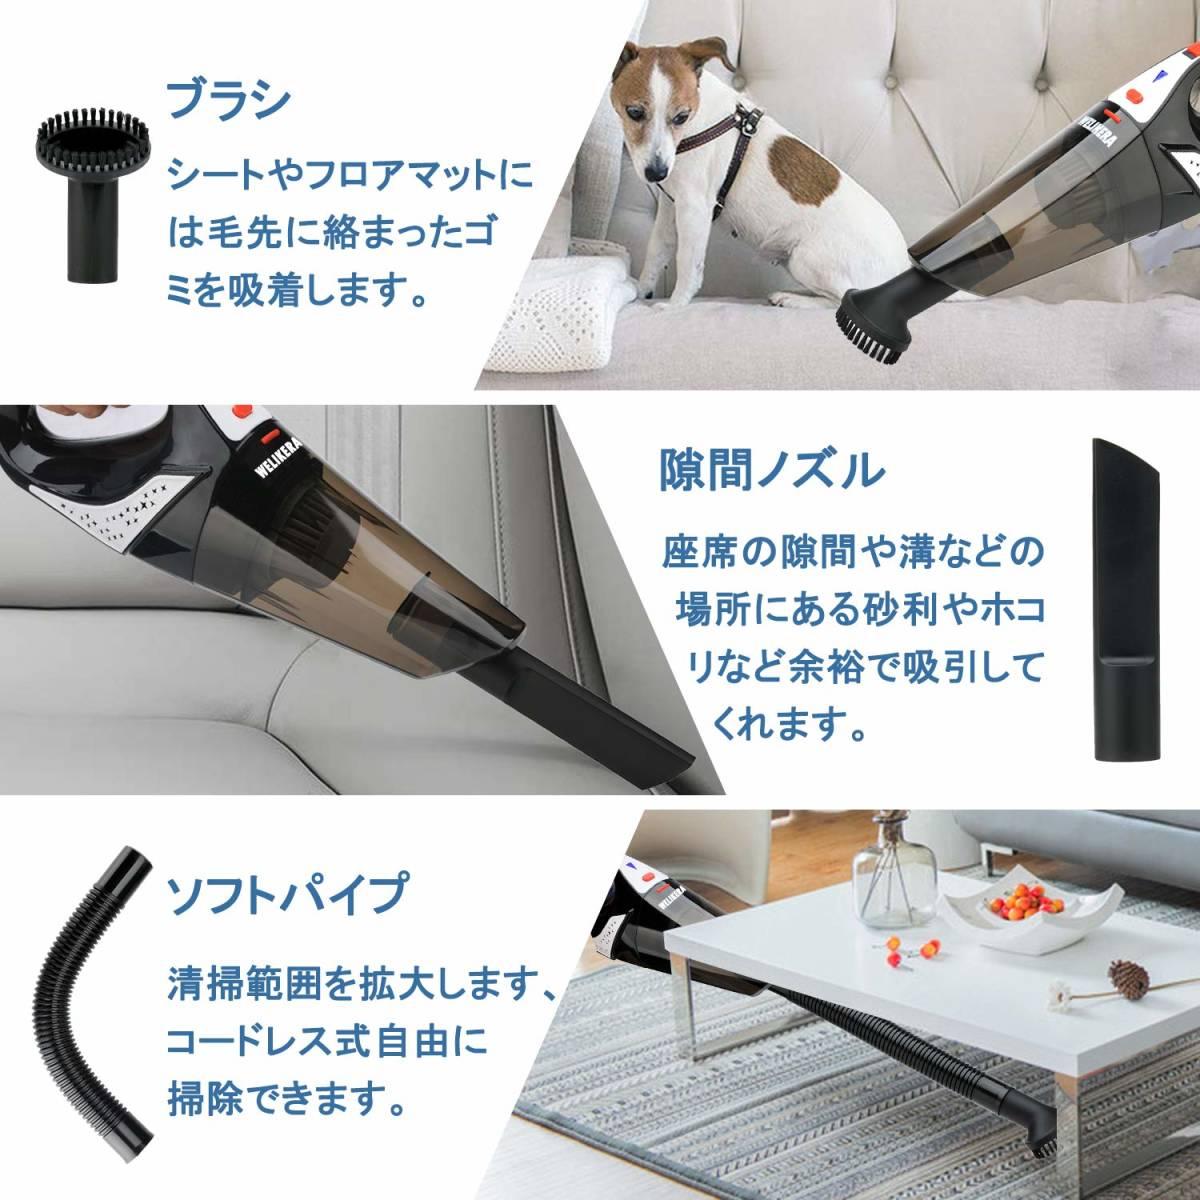 掃除機 充電式 ハンディクリーナー 乾湿両用 コードレス 家用 車用 連続稼働 【913】_画像4